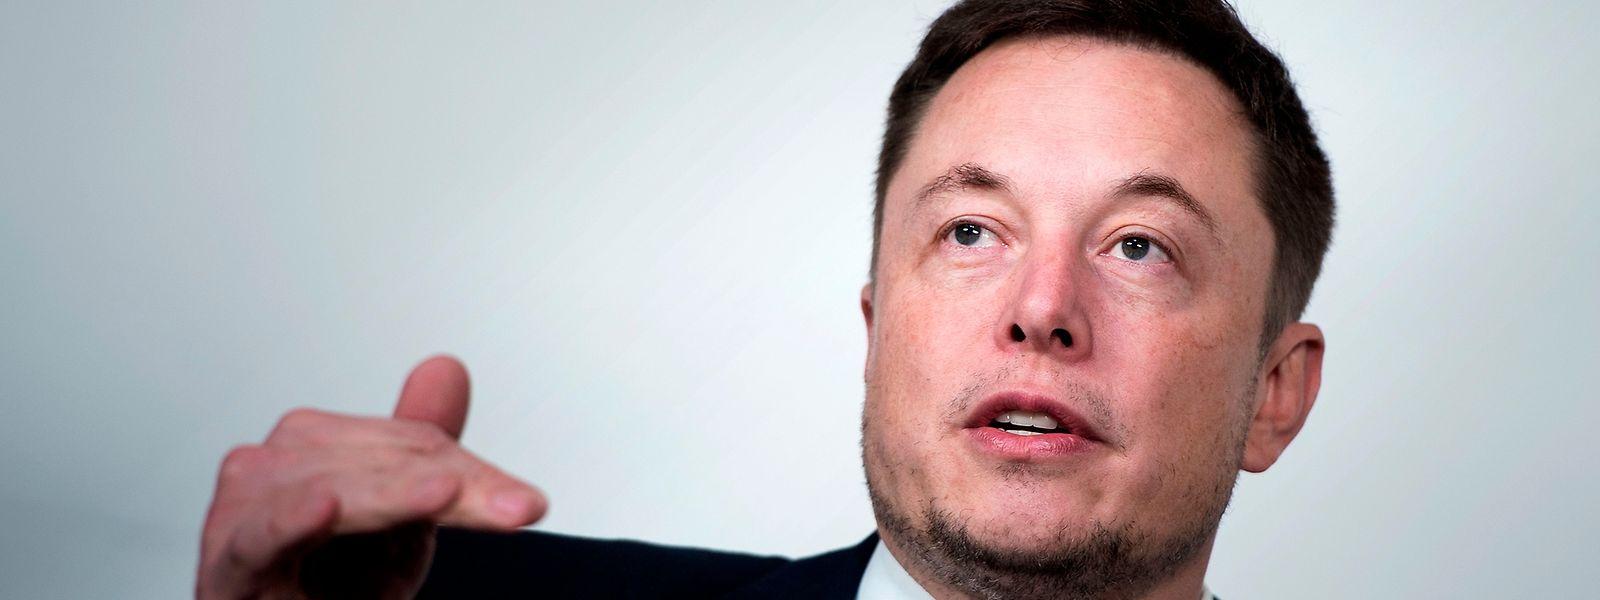 Die Thesen von Tesla-Gründer Elon Musk werden von vielen Raumfahrtexperten angezweifelt.